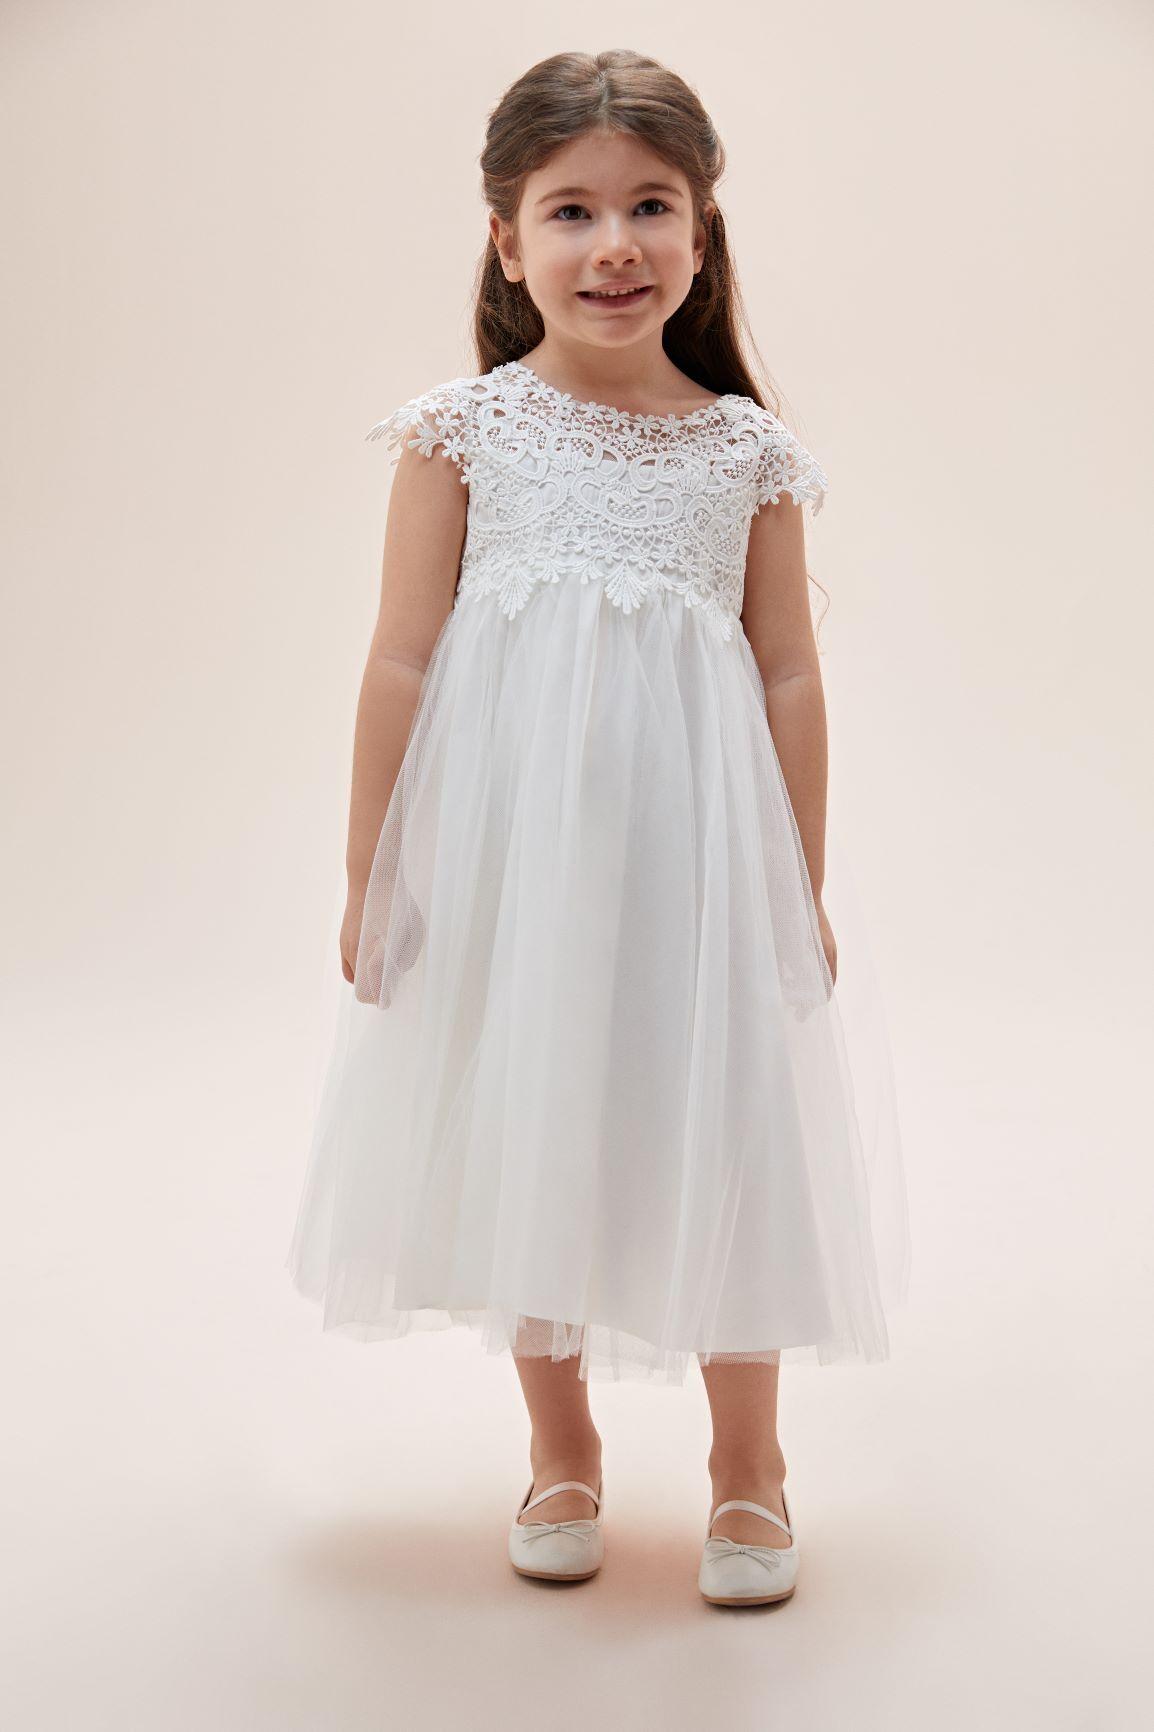 Kısa Kollu Dantel İşlemeli Çocuk Elbisesi - Thumbnail